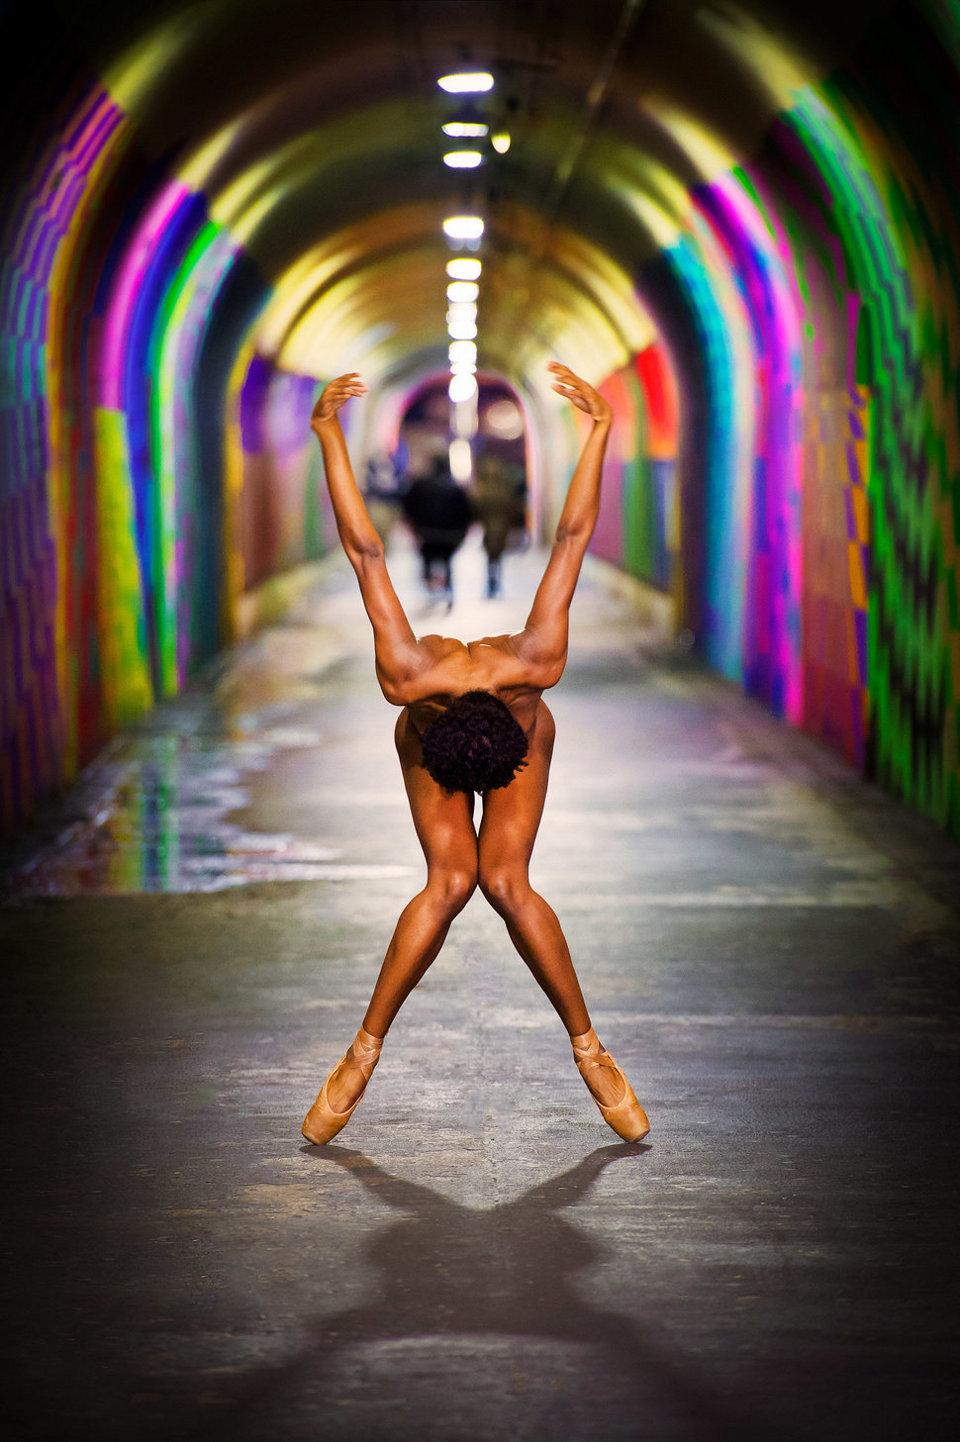 ballerini-nudi-danzano-strade-notte-dancers-after-dark-jordan-matter-08